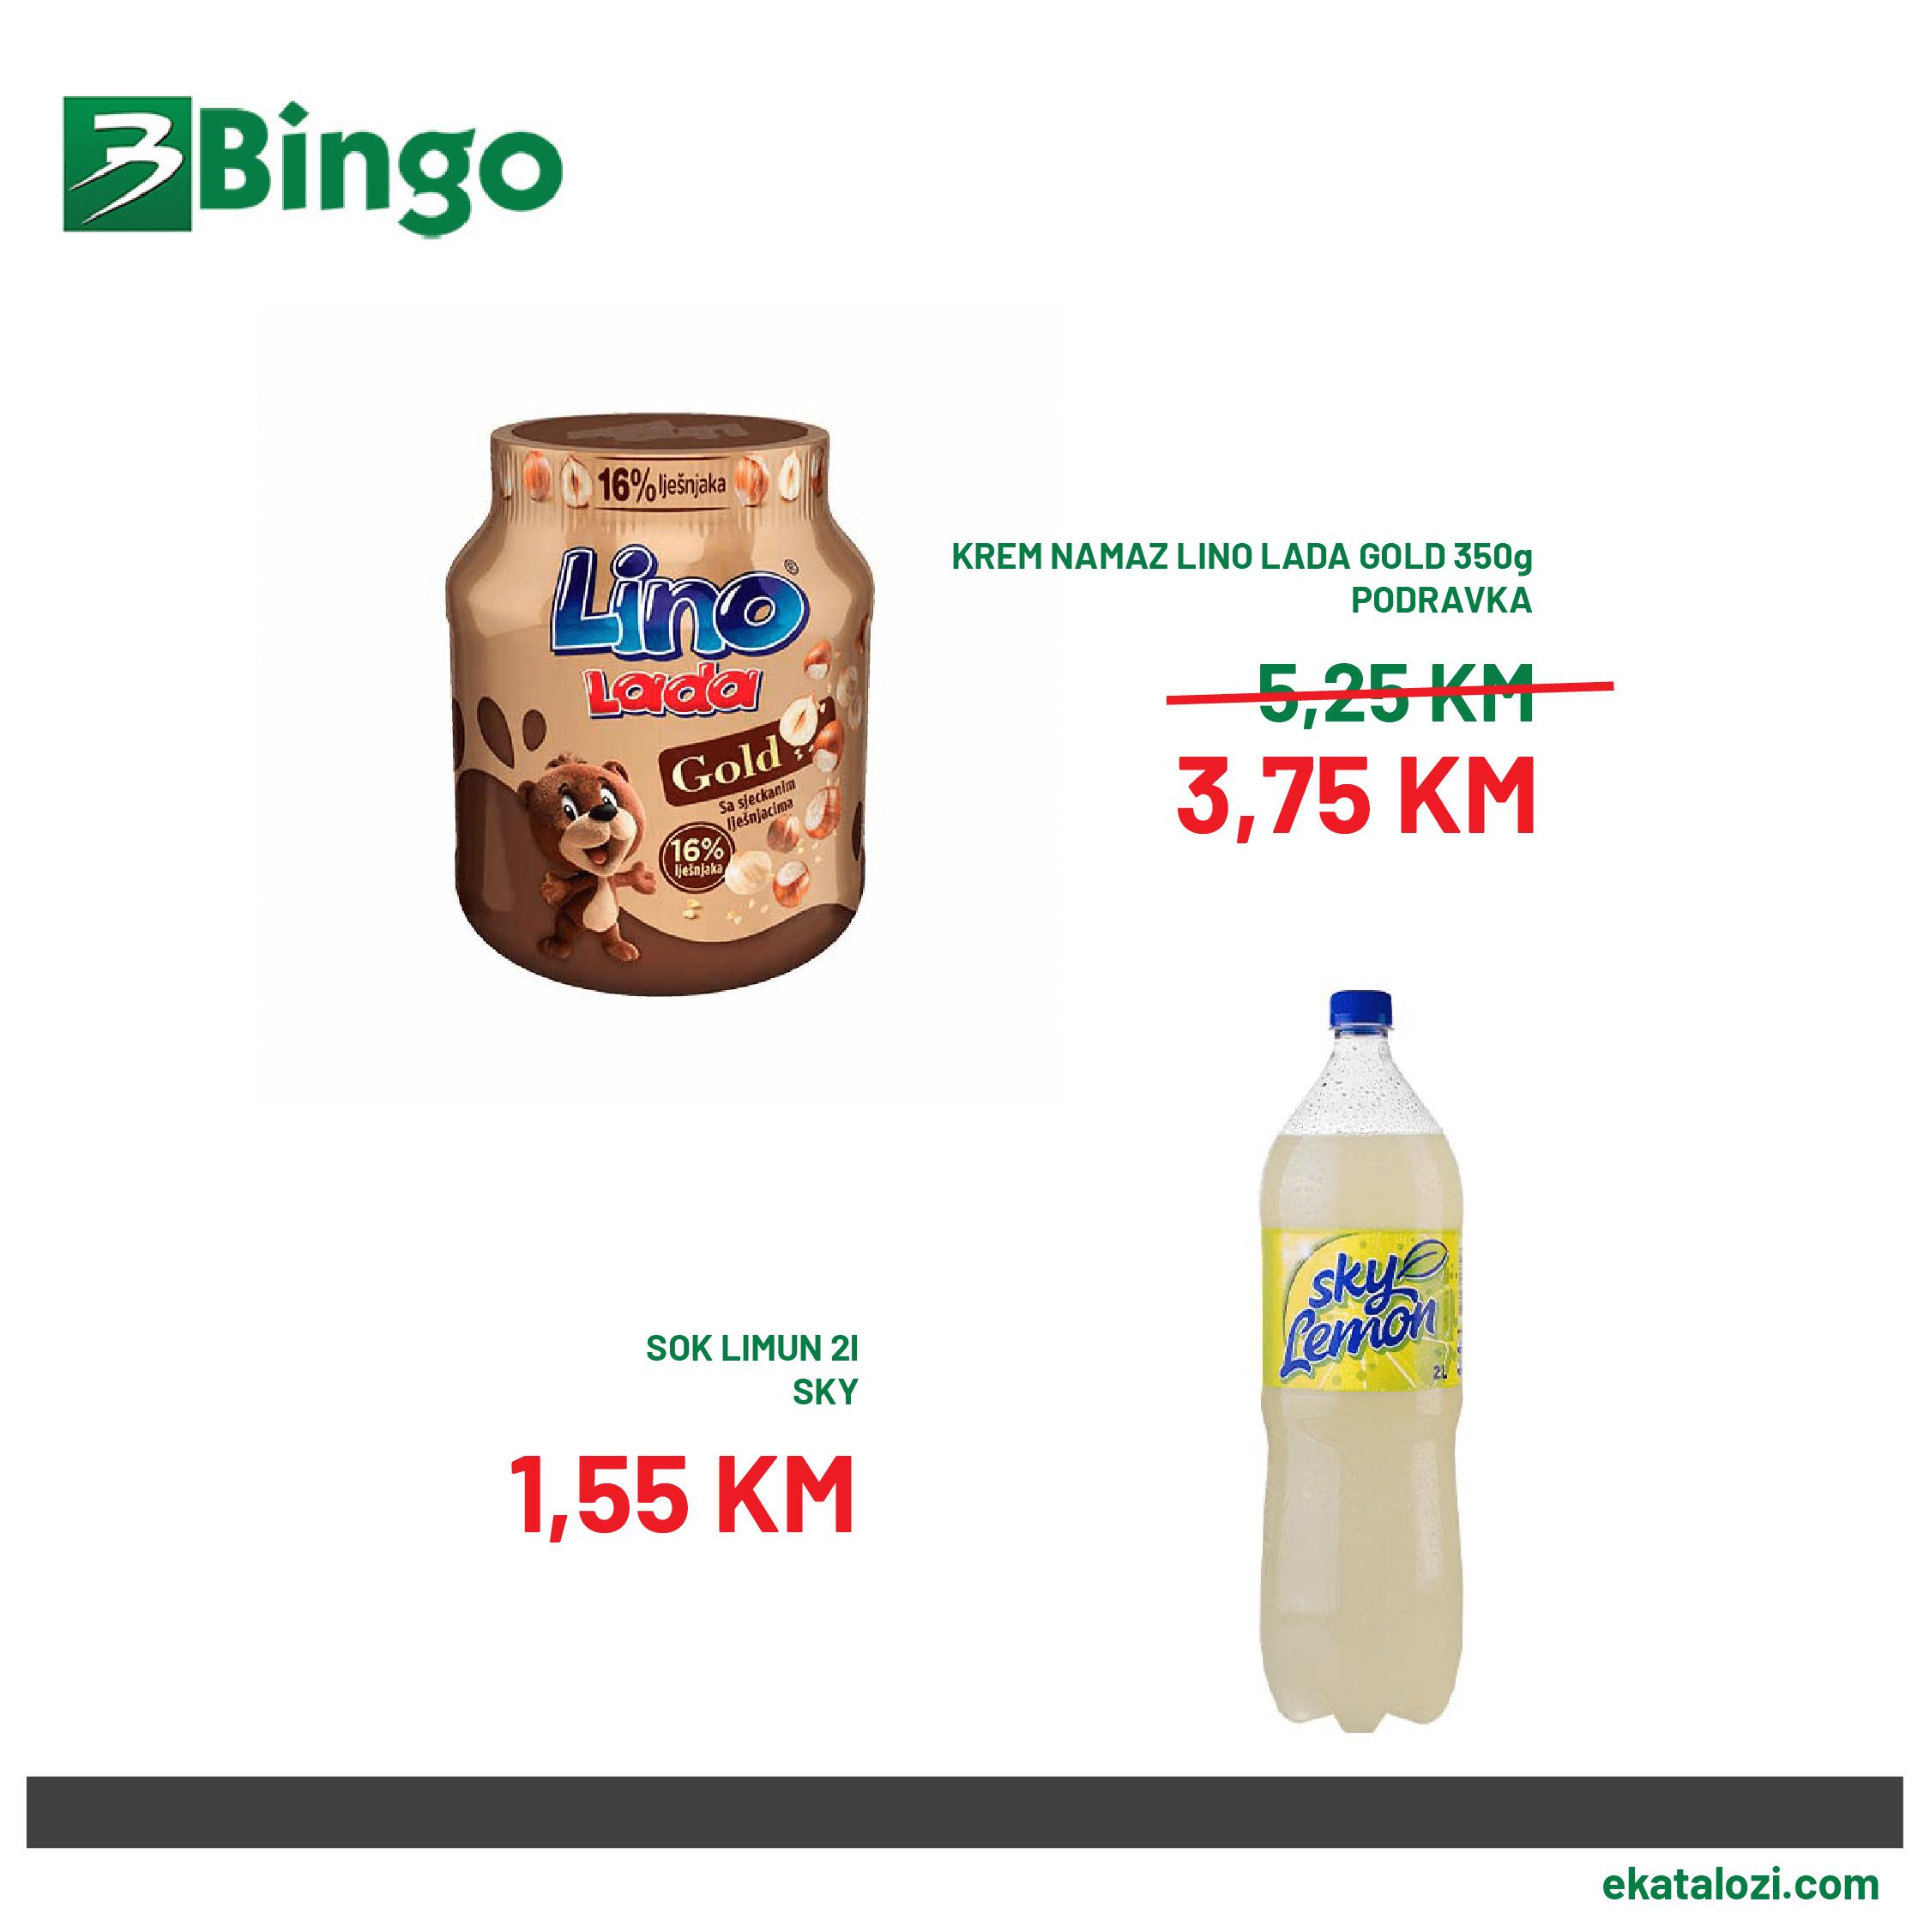 BINGO Super akcija AVGUST 2021 20.8.2021. 22.08.2021 3